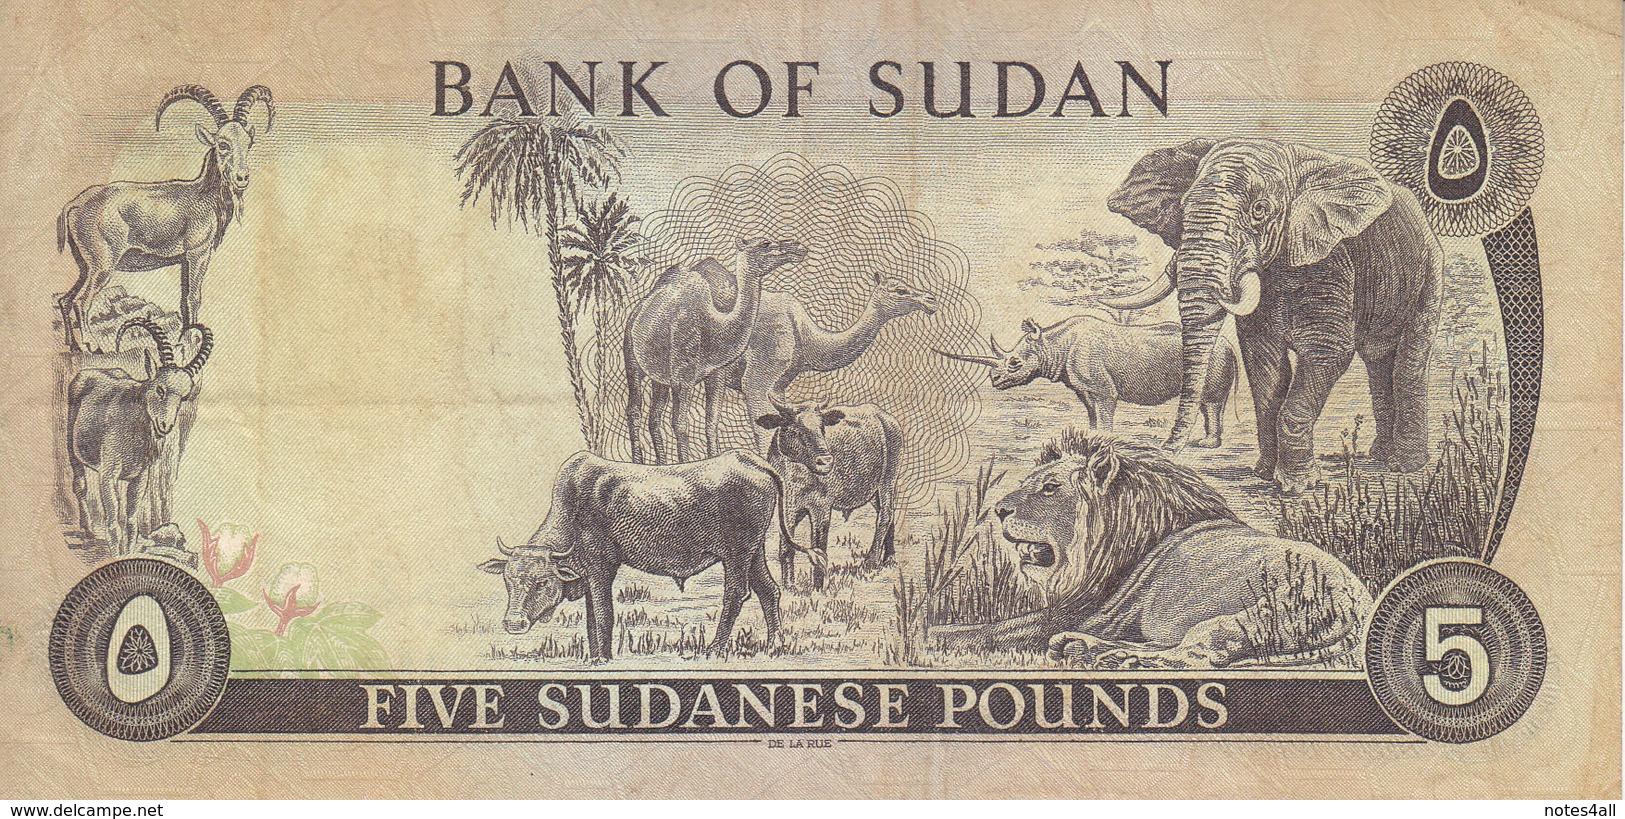 SUDAN 5 POUNDS 1980 P-14c VF USED PREFIX 68/388060 */* - Soudan